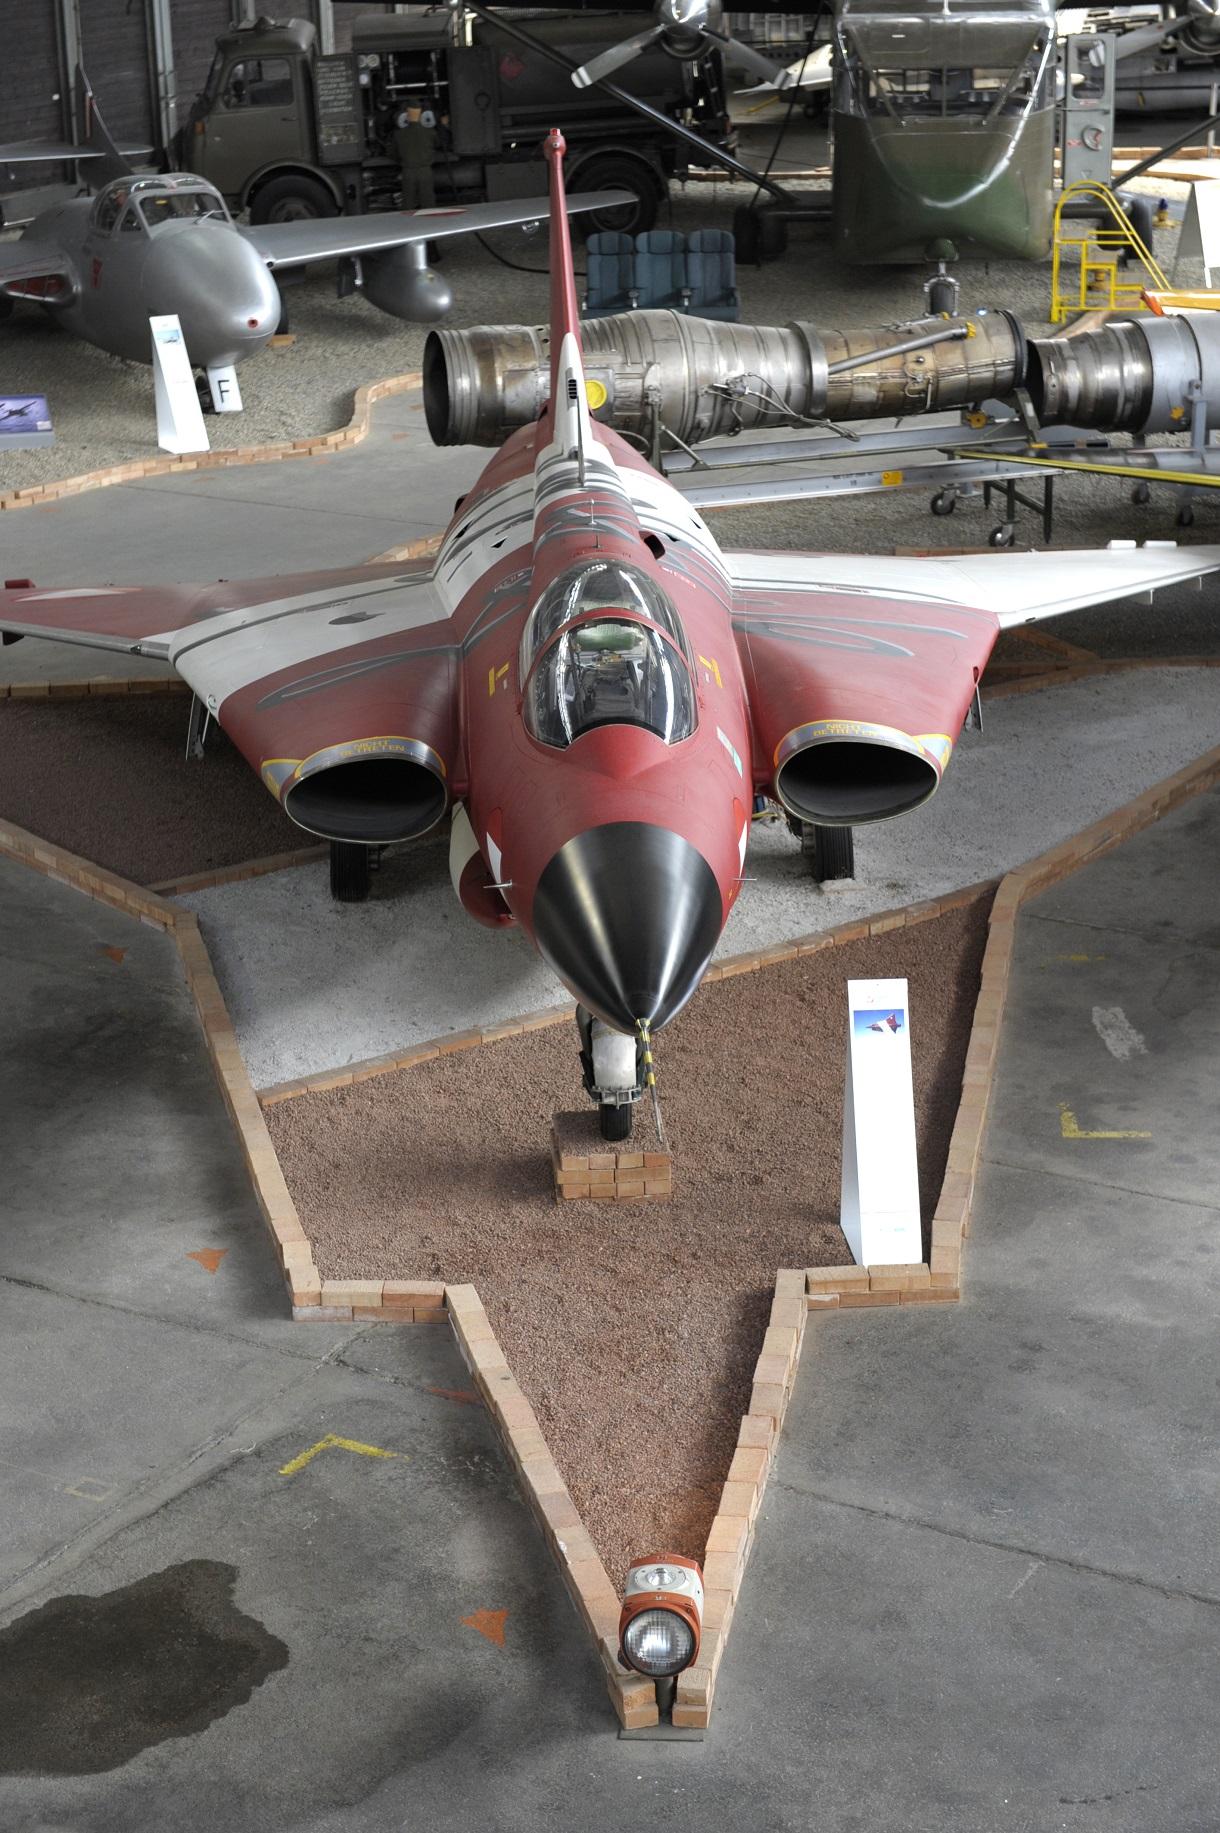 Düsenjet im Hangar.